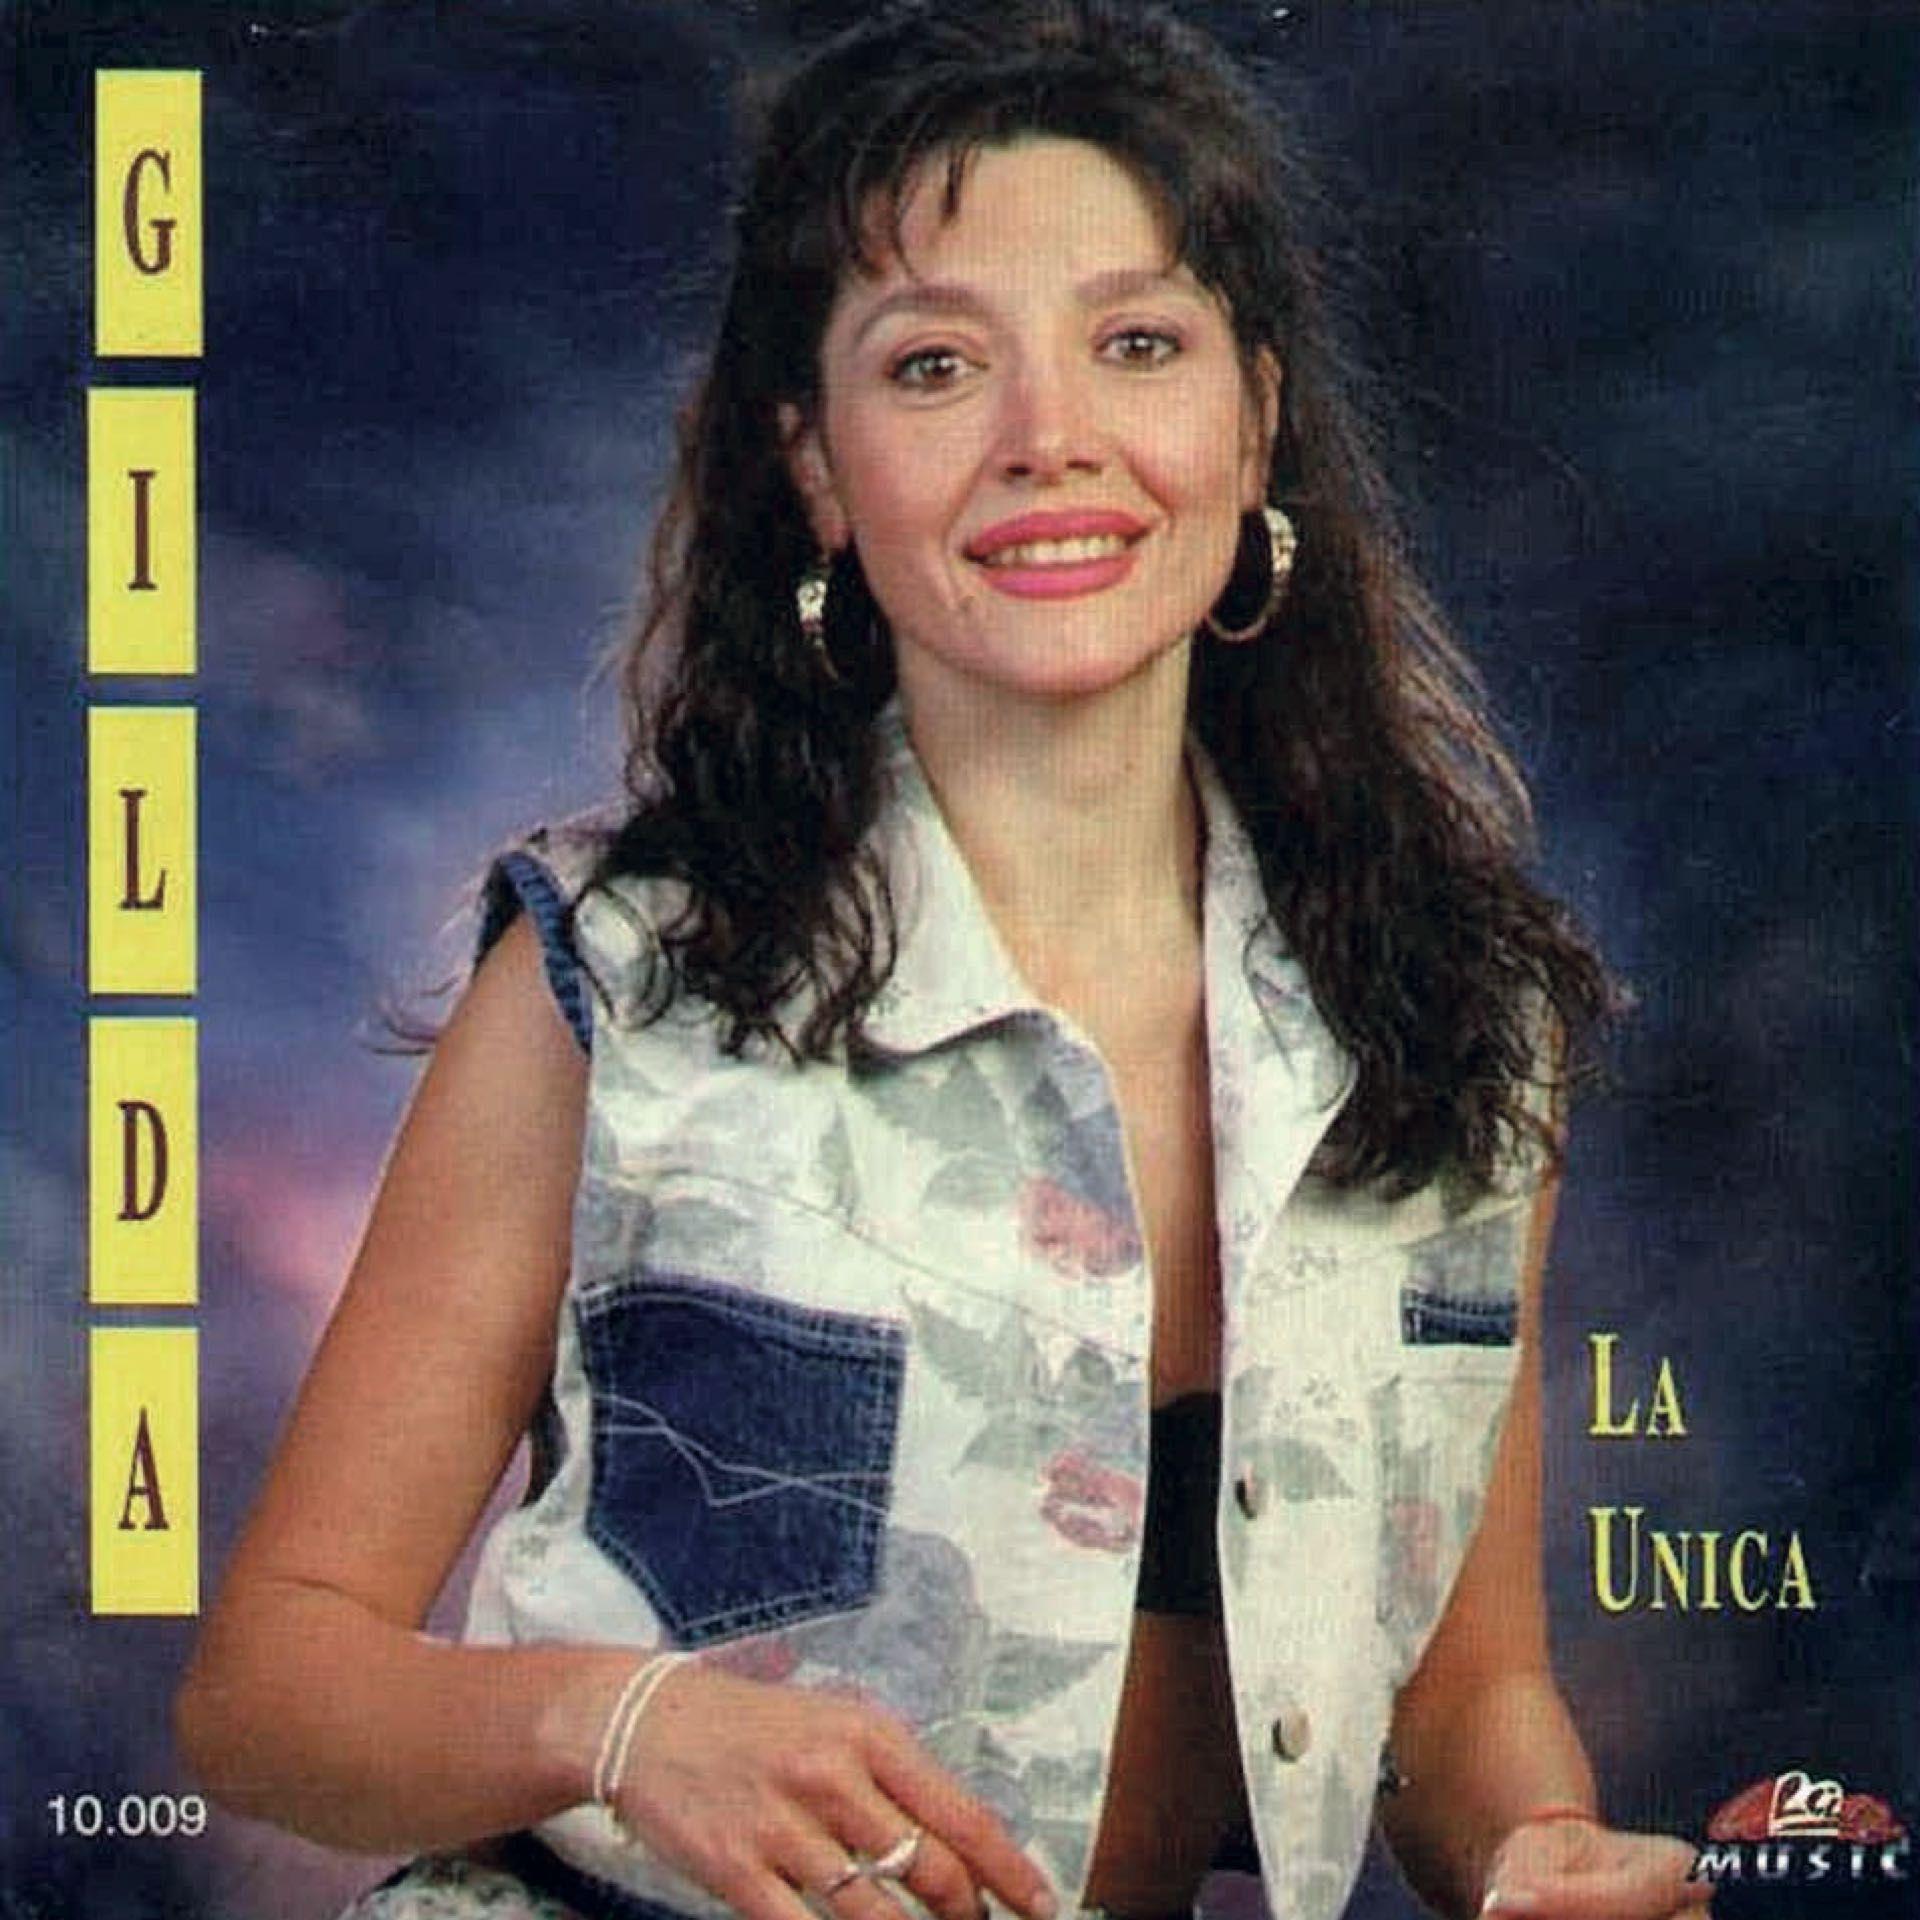 """A mediados de los '90, la carrera de la cantante se encontraba en ascenso. En 1993 lanzó su disco """"La única"""""""